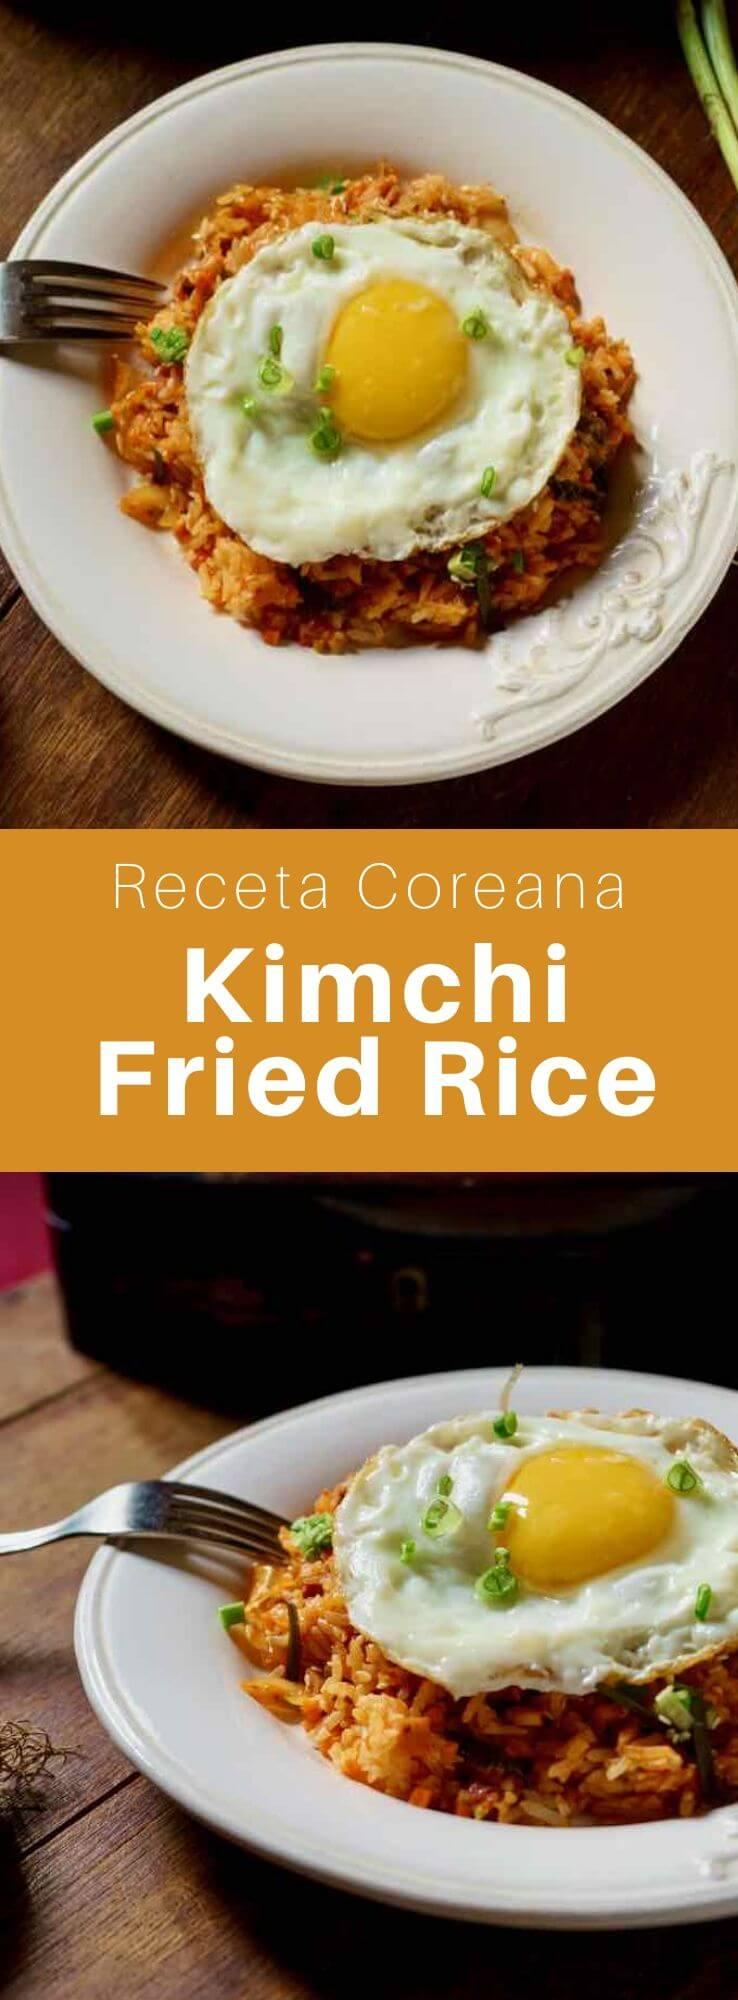 El arroz frito con kimchi o kimchi-bokkeum-bap (김치 볶음밥) es una variedad de bokkeum-bap (arroz frito) popular en Corea. El arroz frito con kimchi se compone principalmente de kimchi y arroz, así como otros ingredientes, como verduras cortadas en cubitos o carne como el spam.